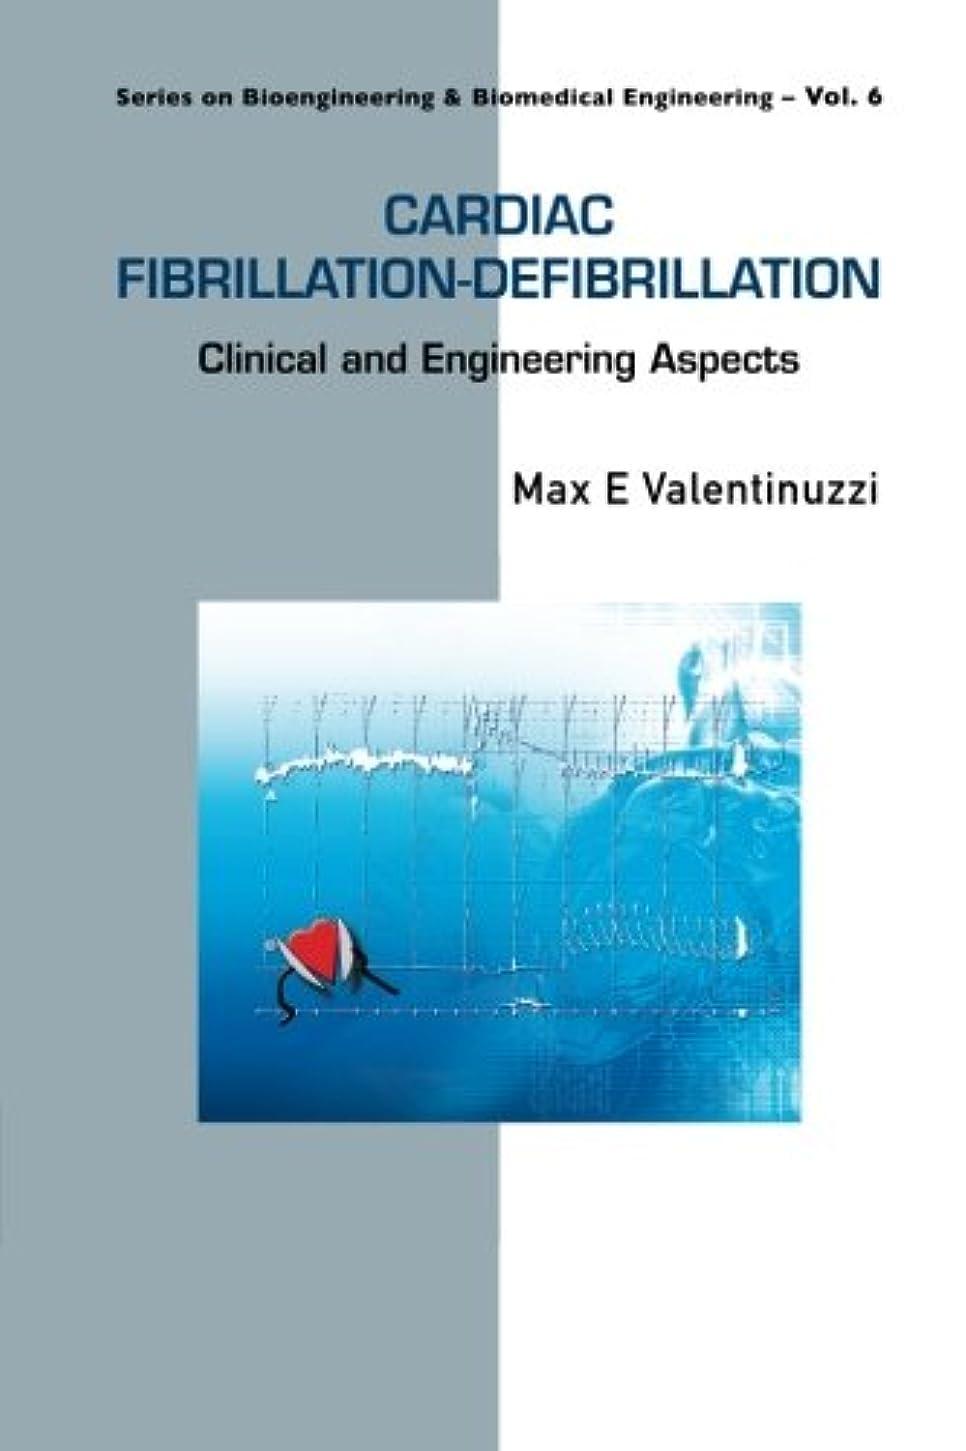 頑張る放置漏れCardiac Fibrillation-Defibrillation: Clinical And Engineering Aspects